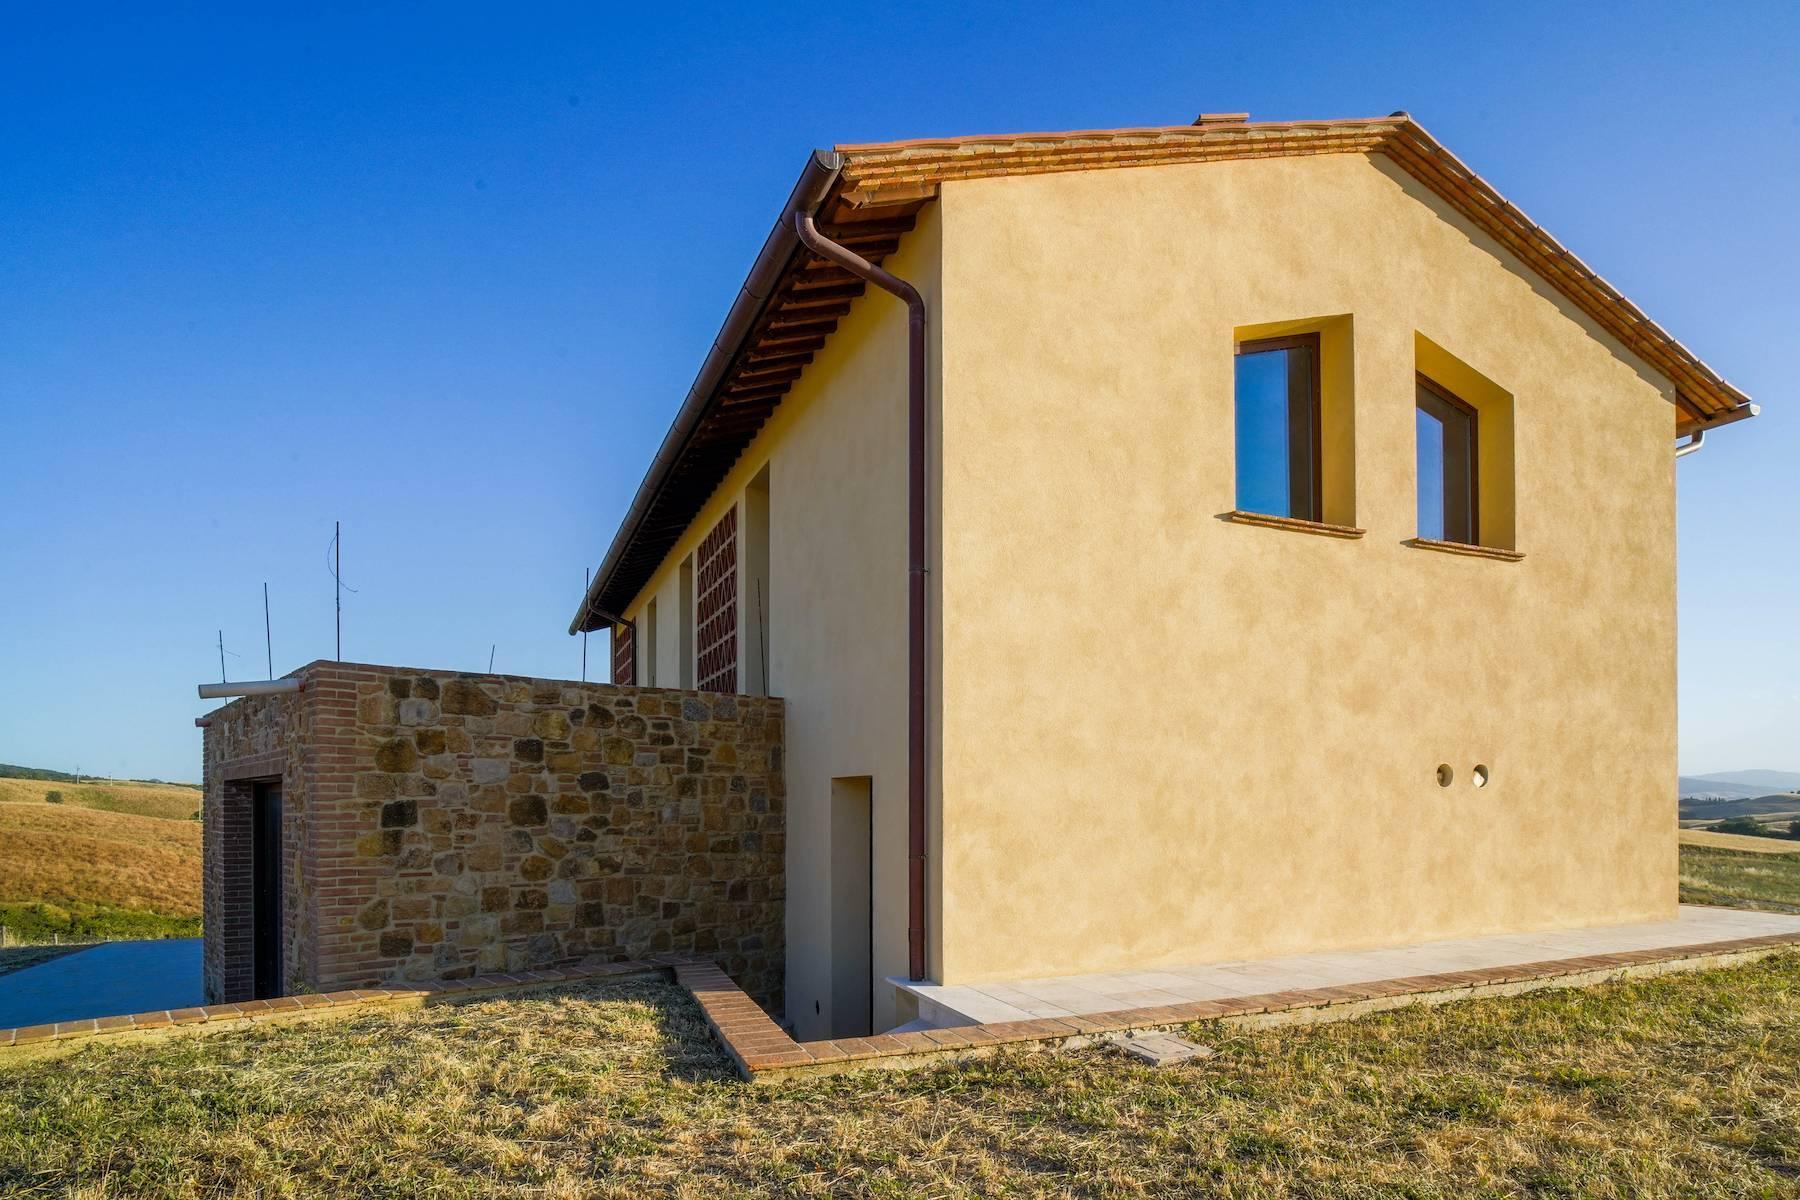 Wunderschönes Anwesen in der Nähe von Volterra und San Gimignano - 4